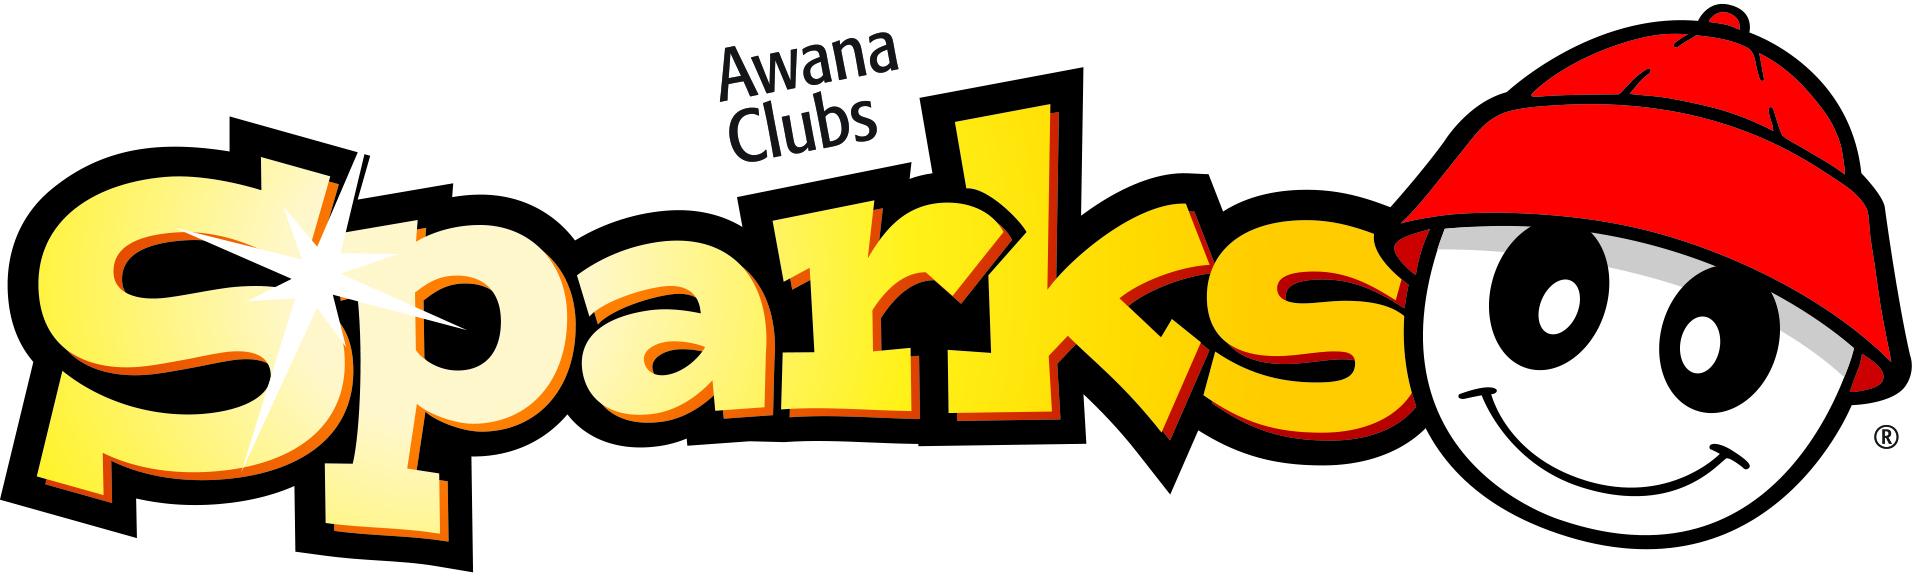 1916x587 Awana International Canada